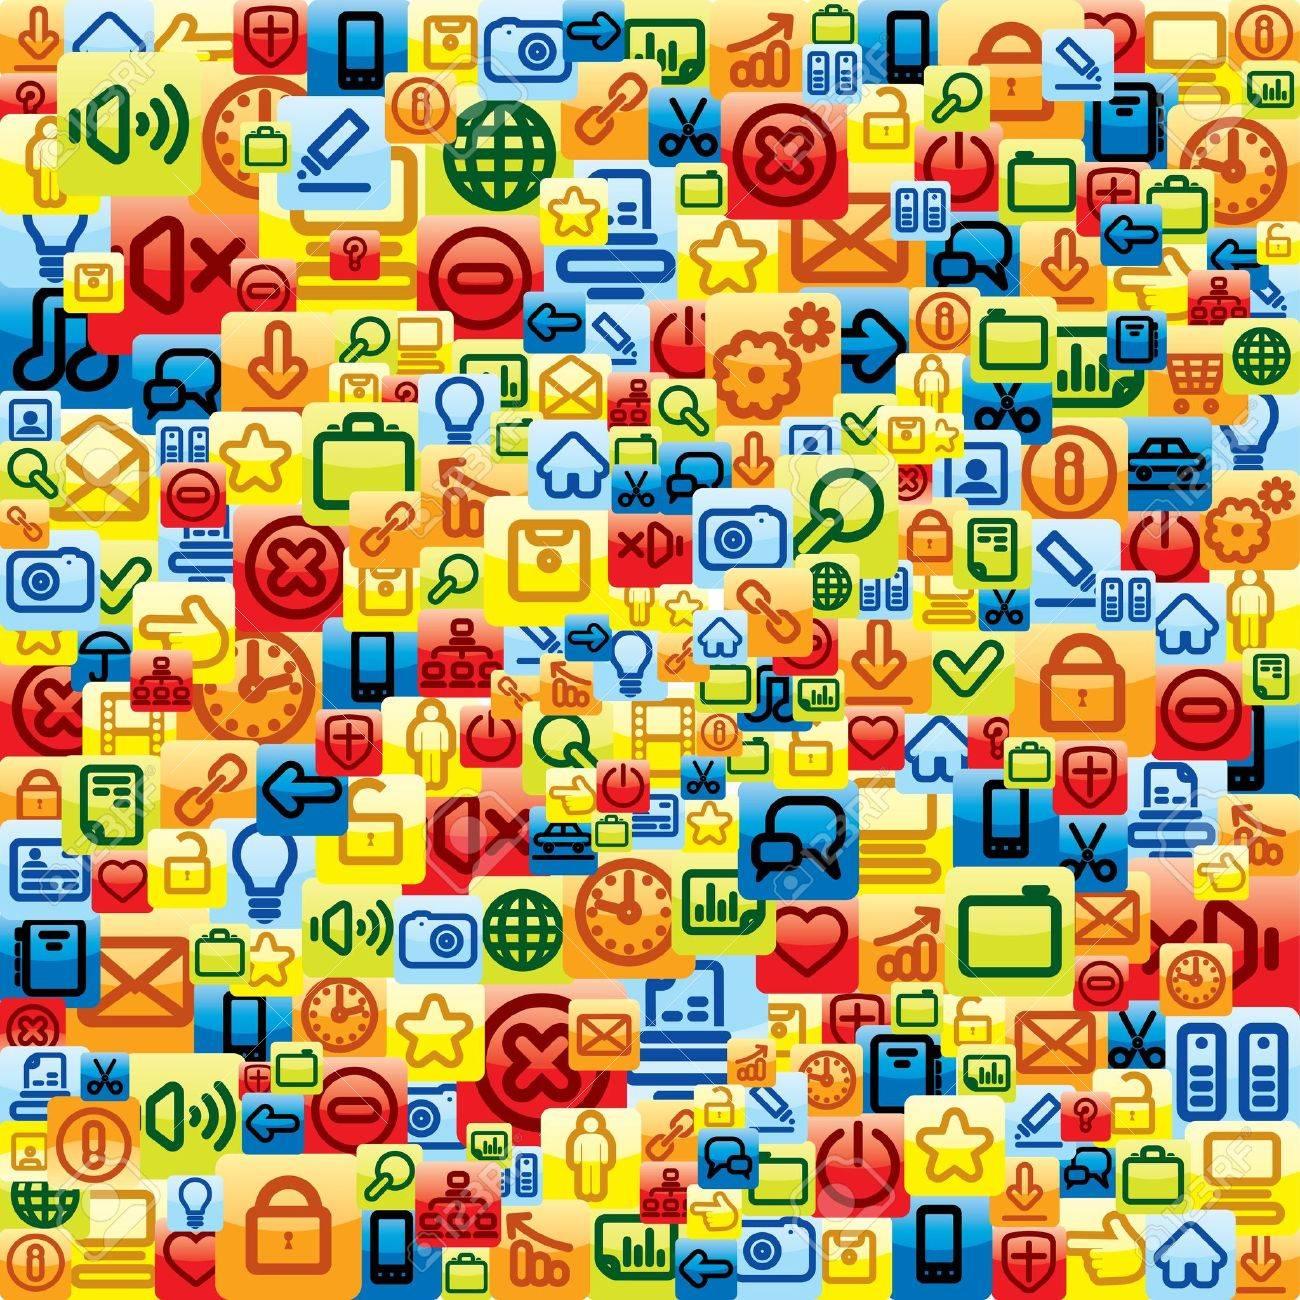 Social Media Pattern  Vector Background Stock Vector - 13572947